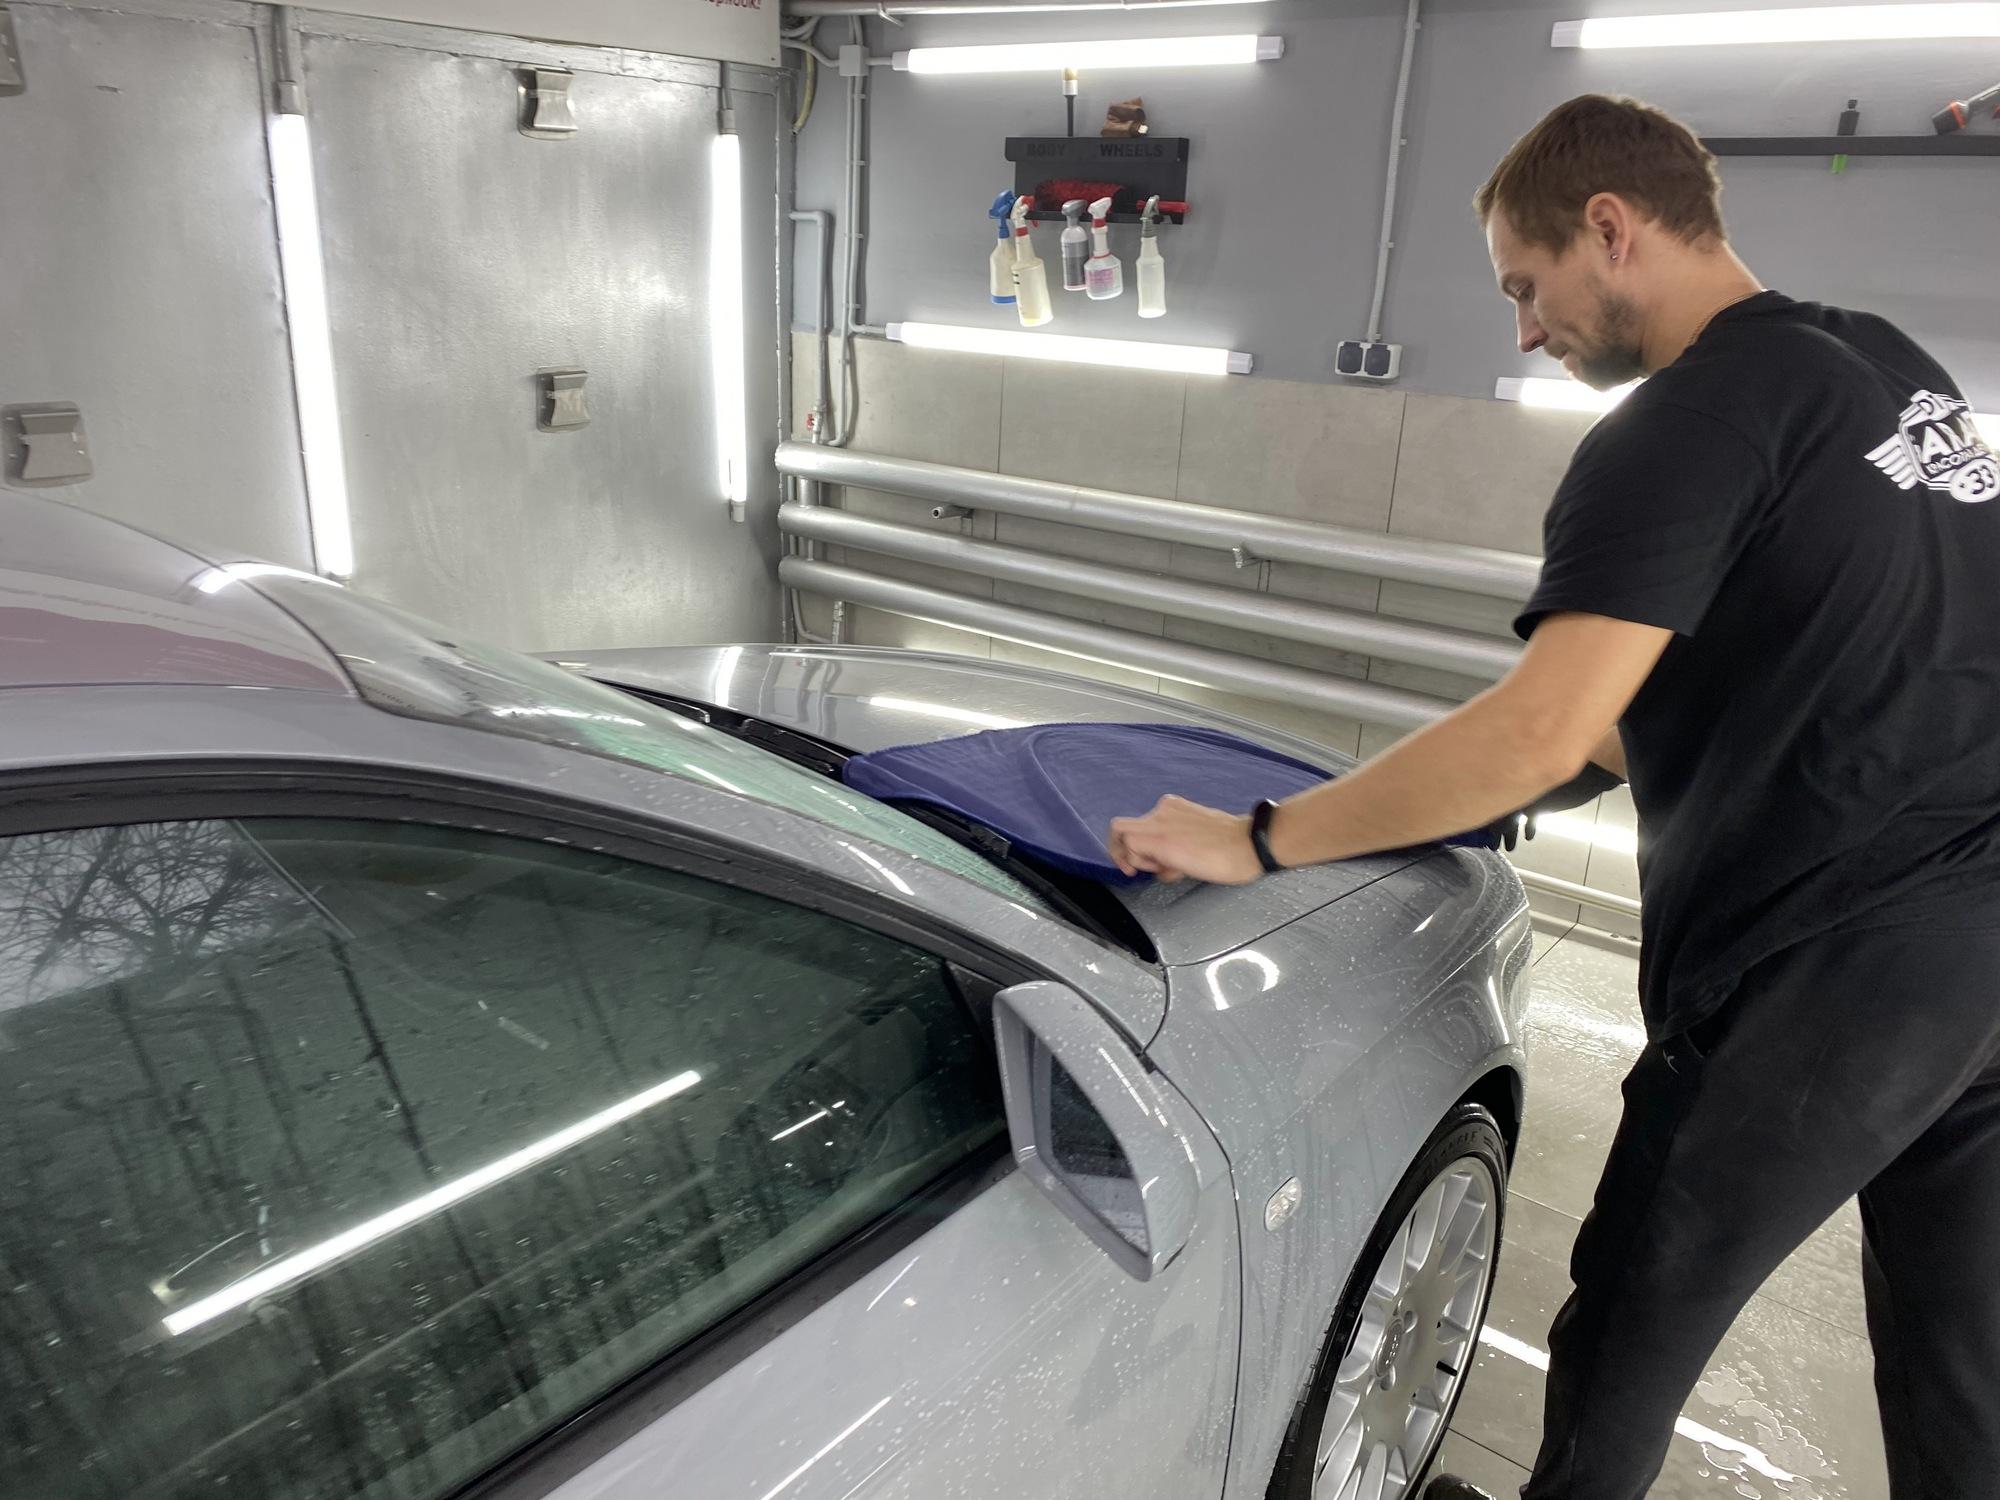 Удаление воды с кузова автомобиля с помощью полотенца из микрофибры.